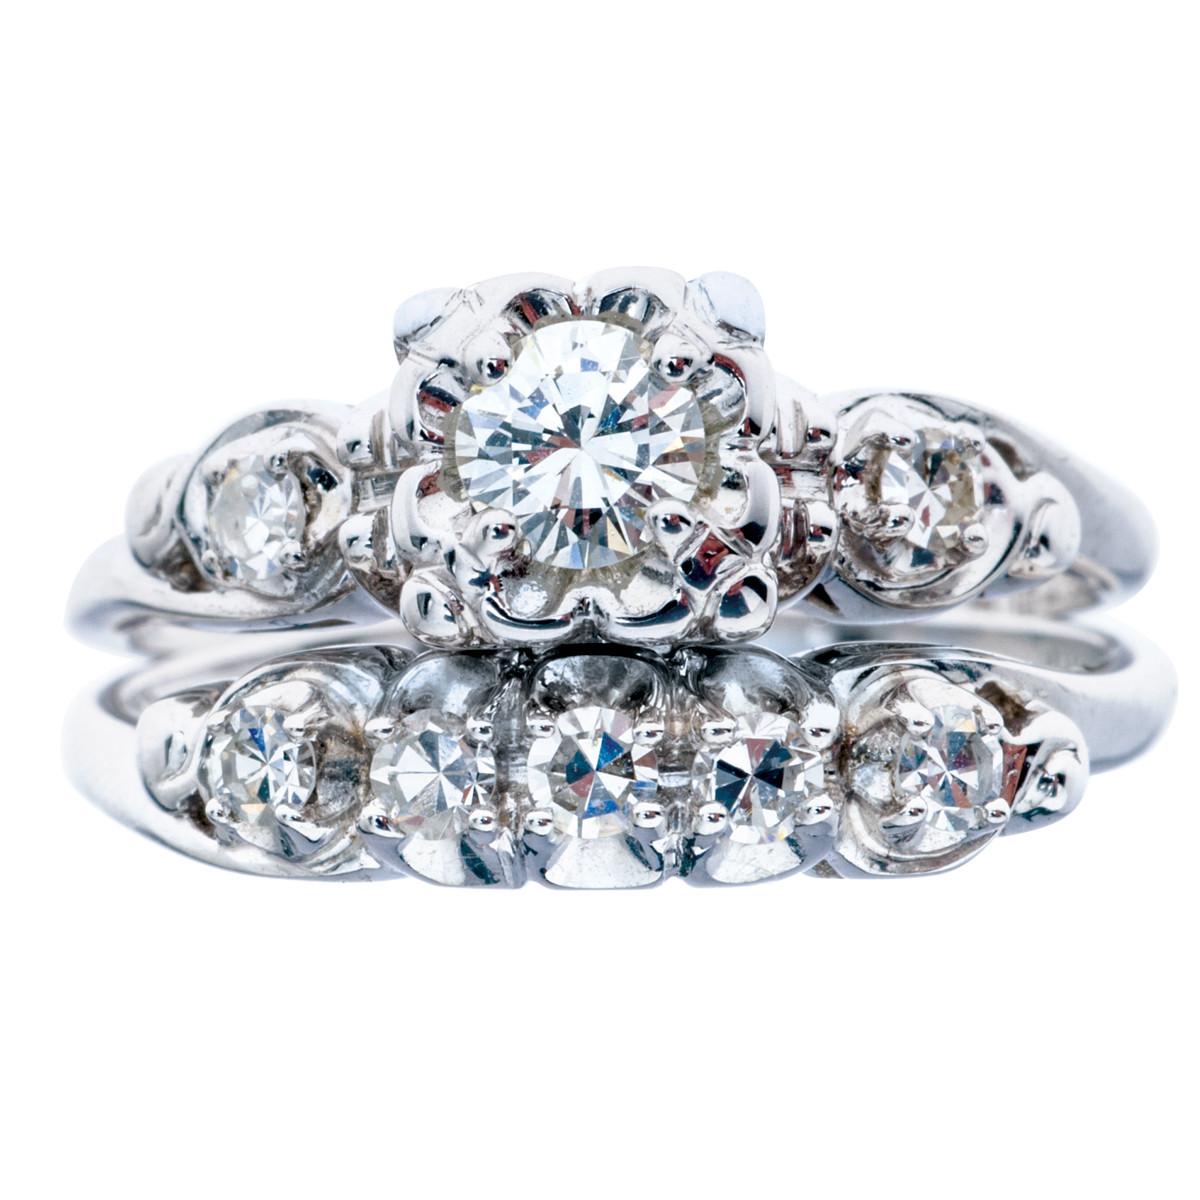 Antique Retro 0.48 CTW Diamond Engagement Ring & Band